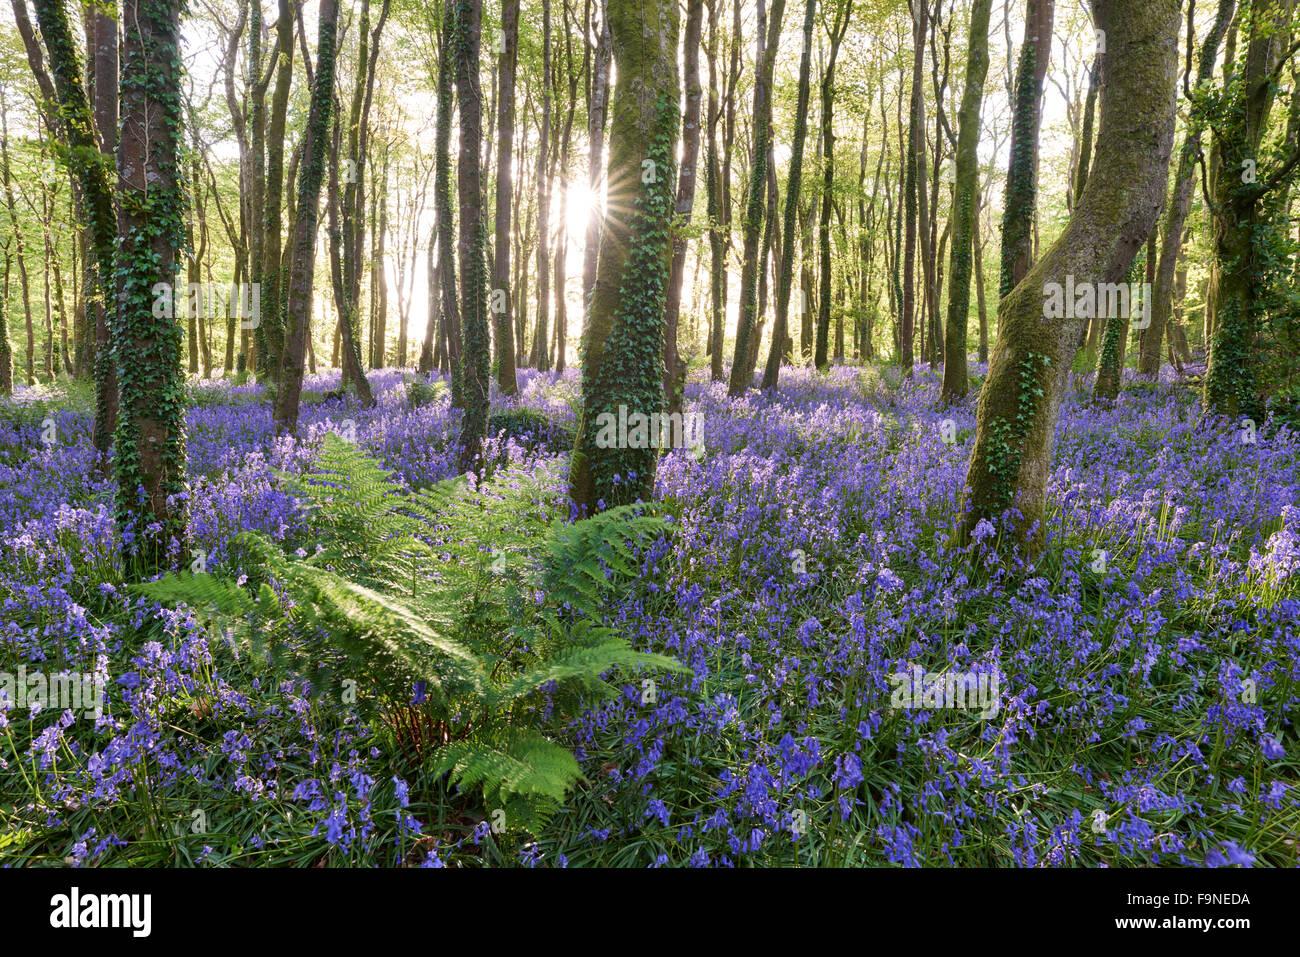 La lumière du soleil qui brille entre les arbres et l'allumage sur le plancher de bois jacinthes. Photo Stock